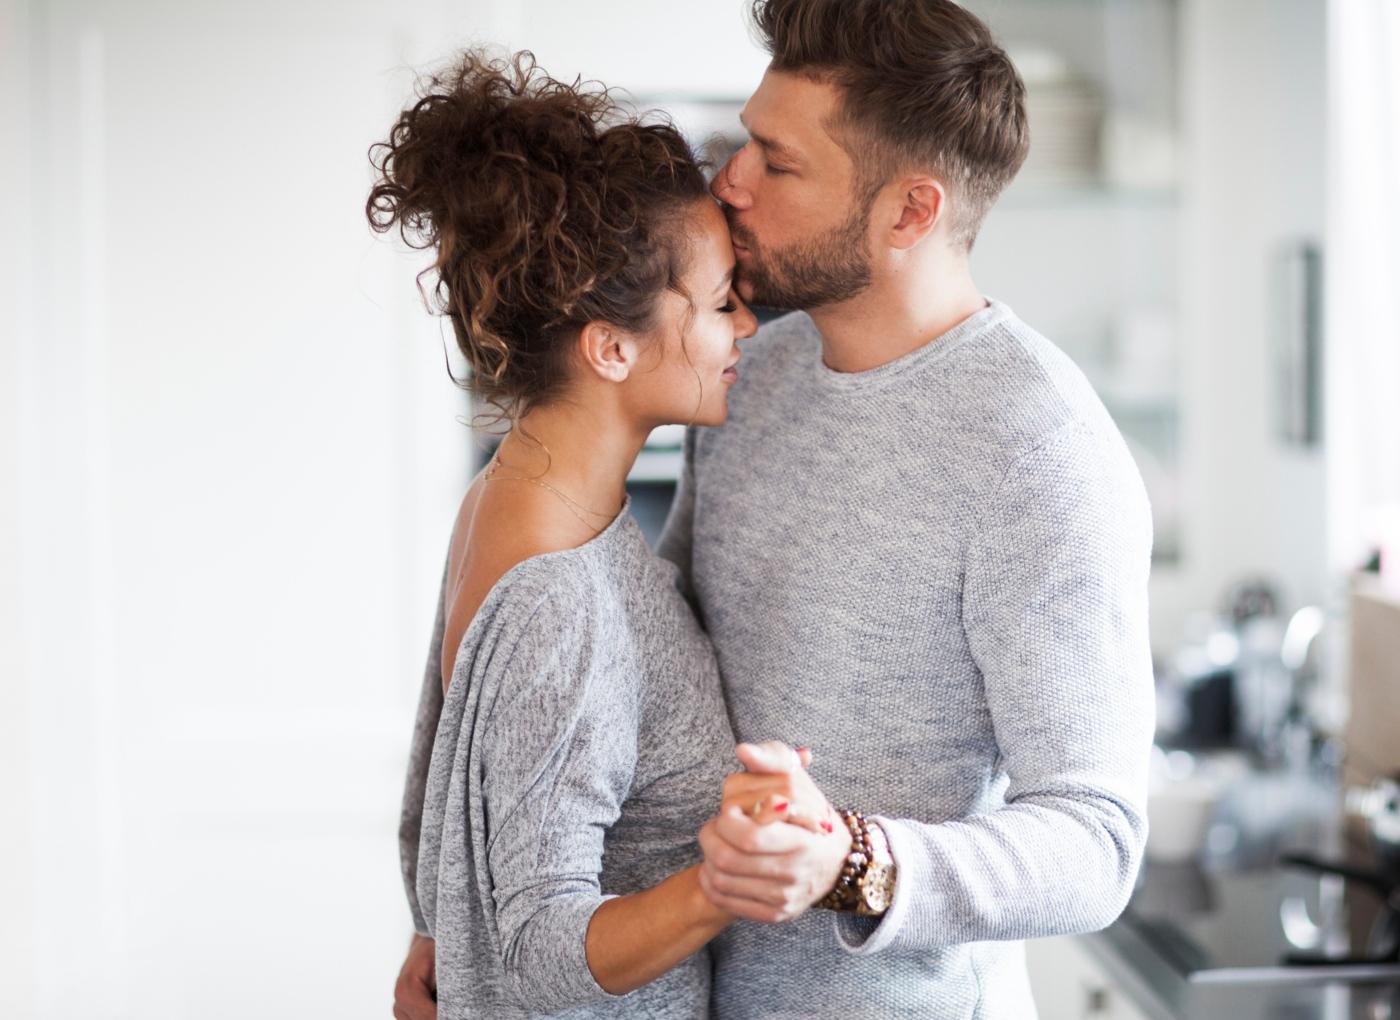 Como reencontrar o amor após uma relação mal sucedida?